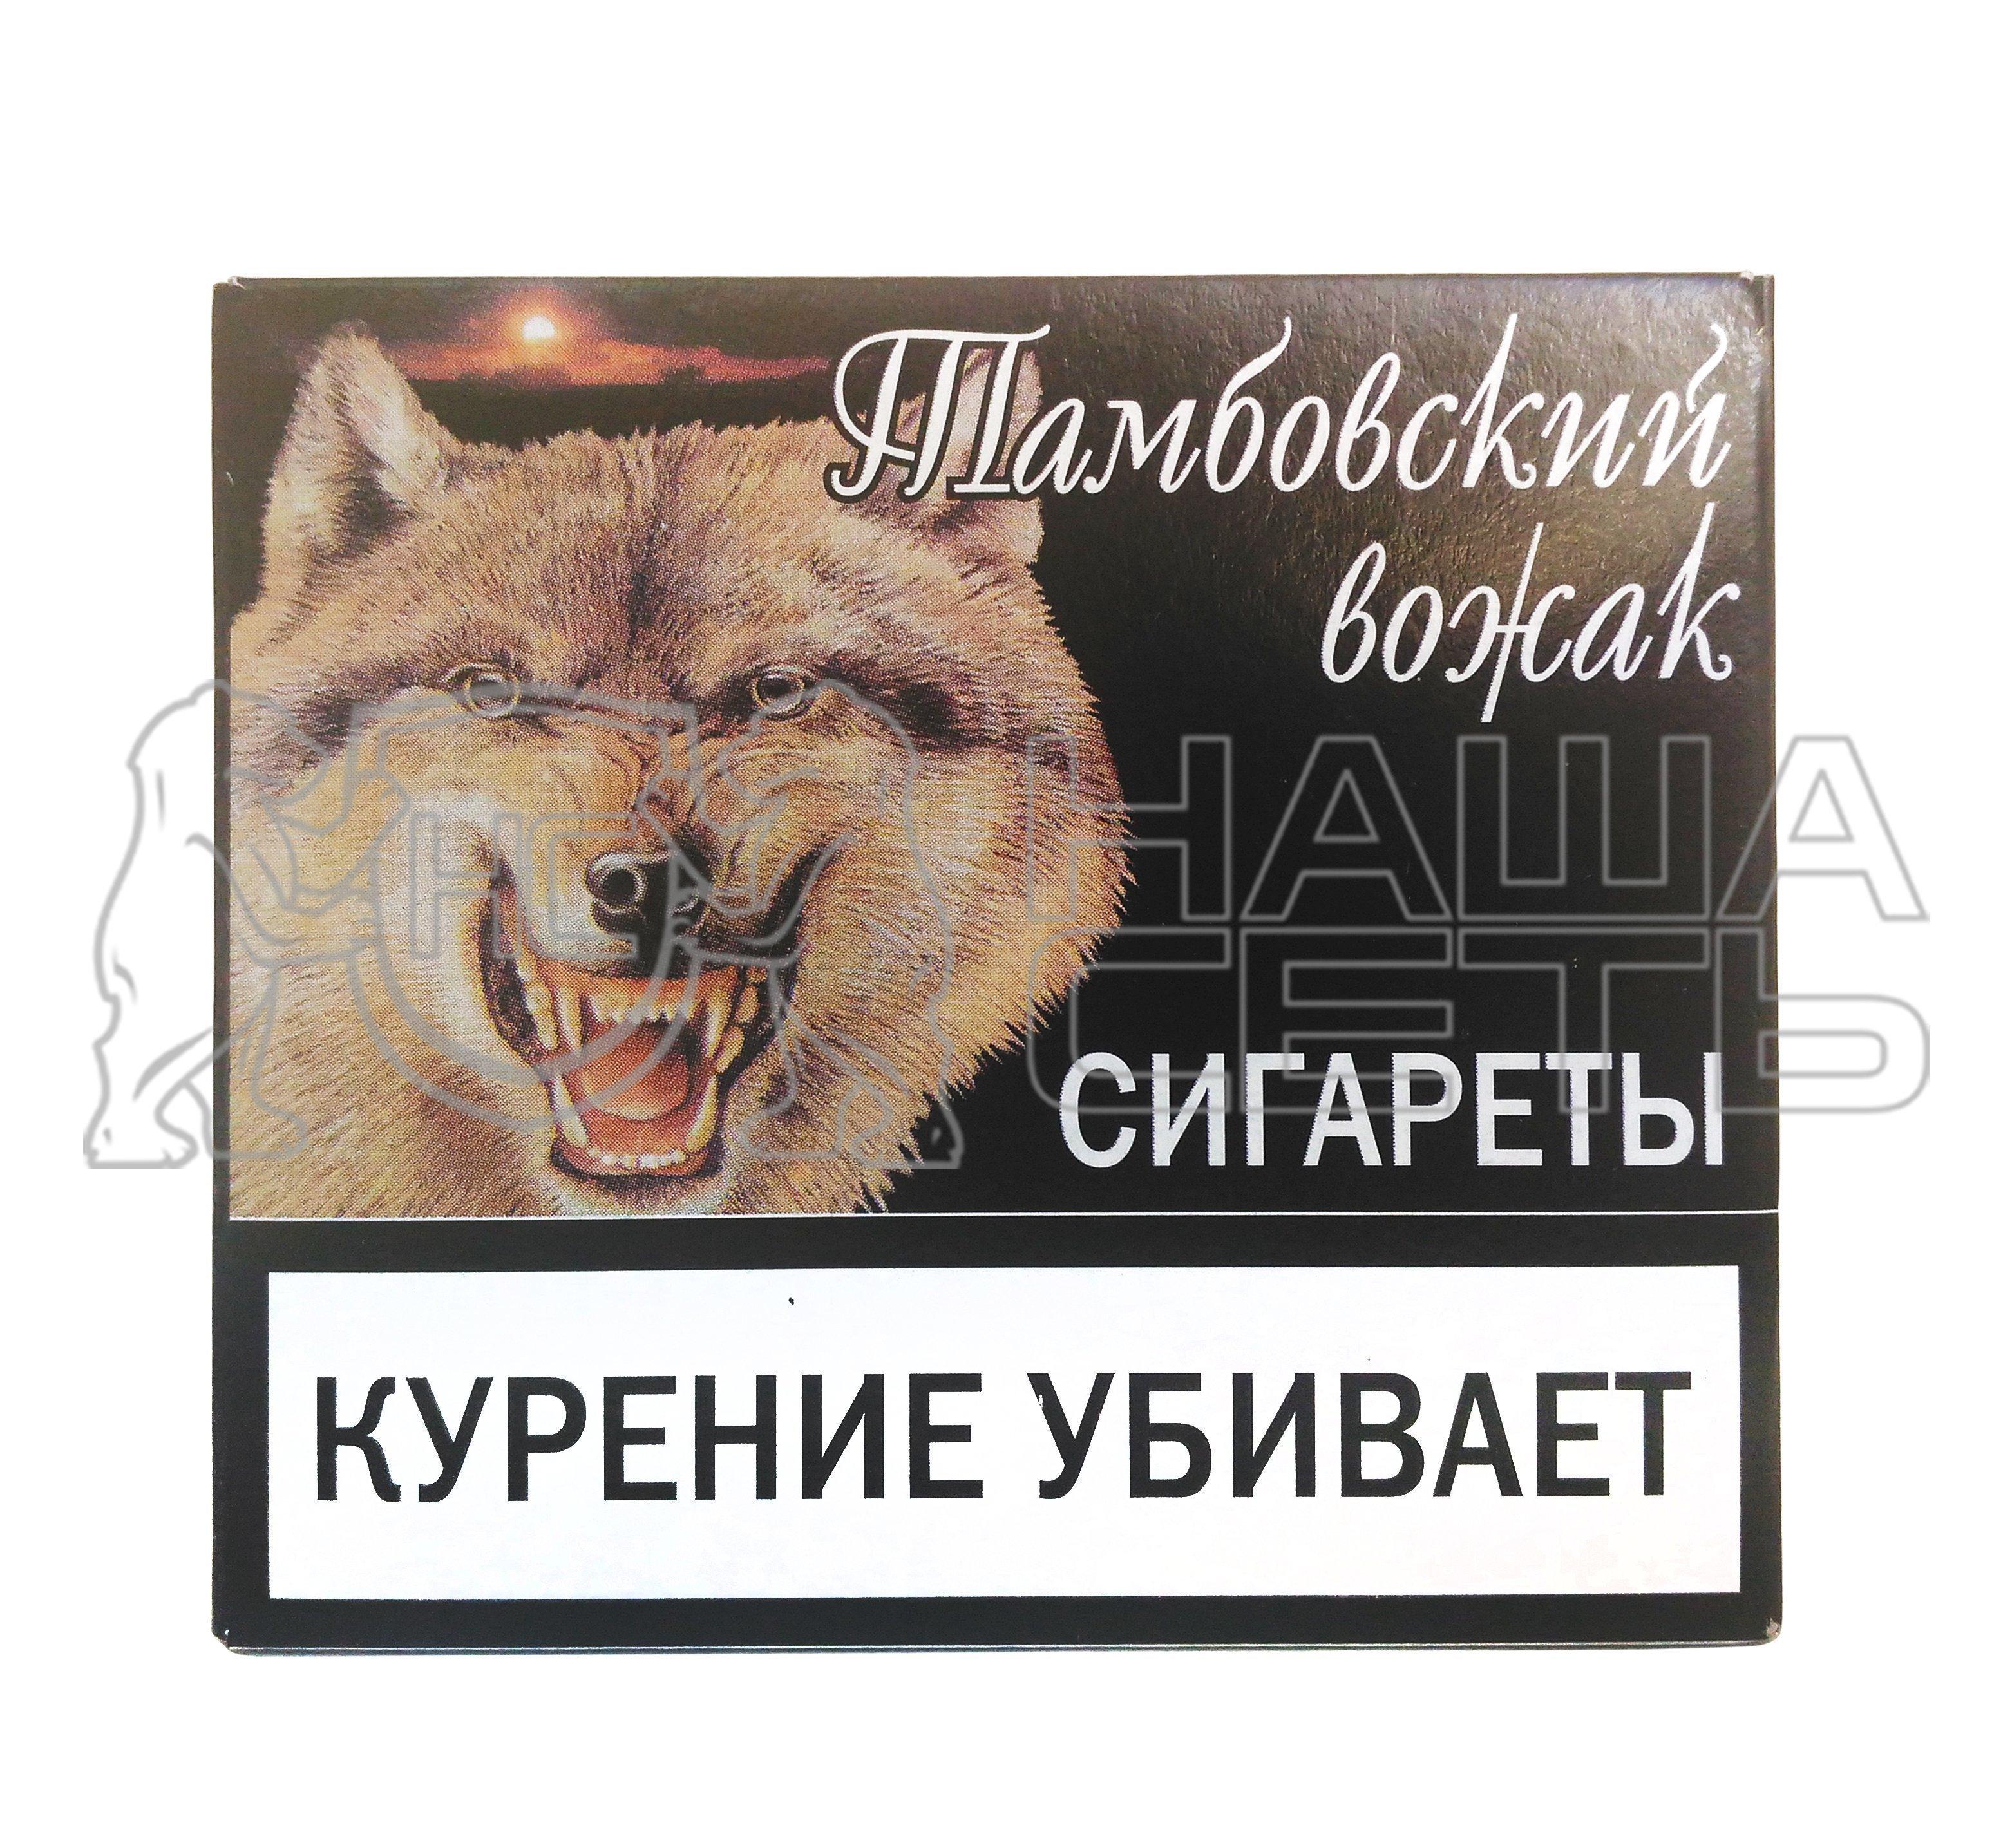 Где купить сигареты тамбовский вожак купить табак и кальяны оптом в